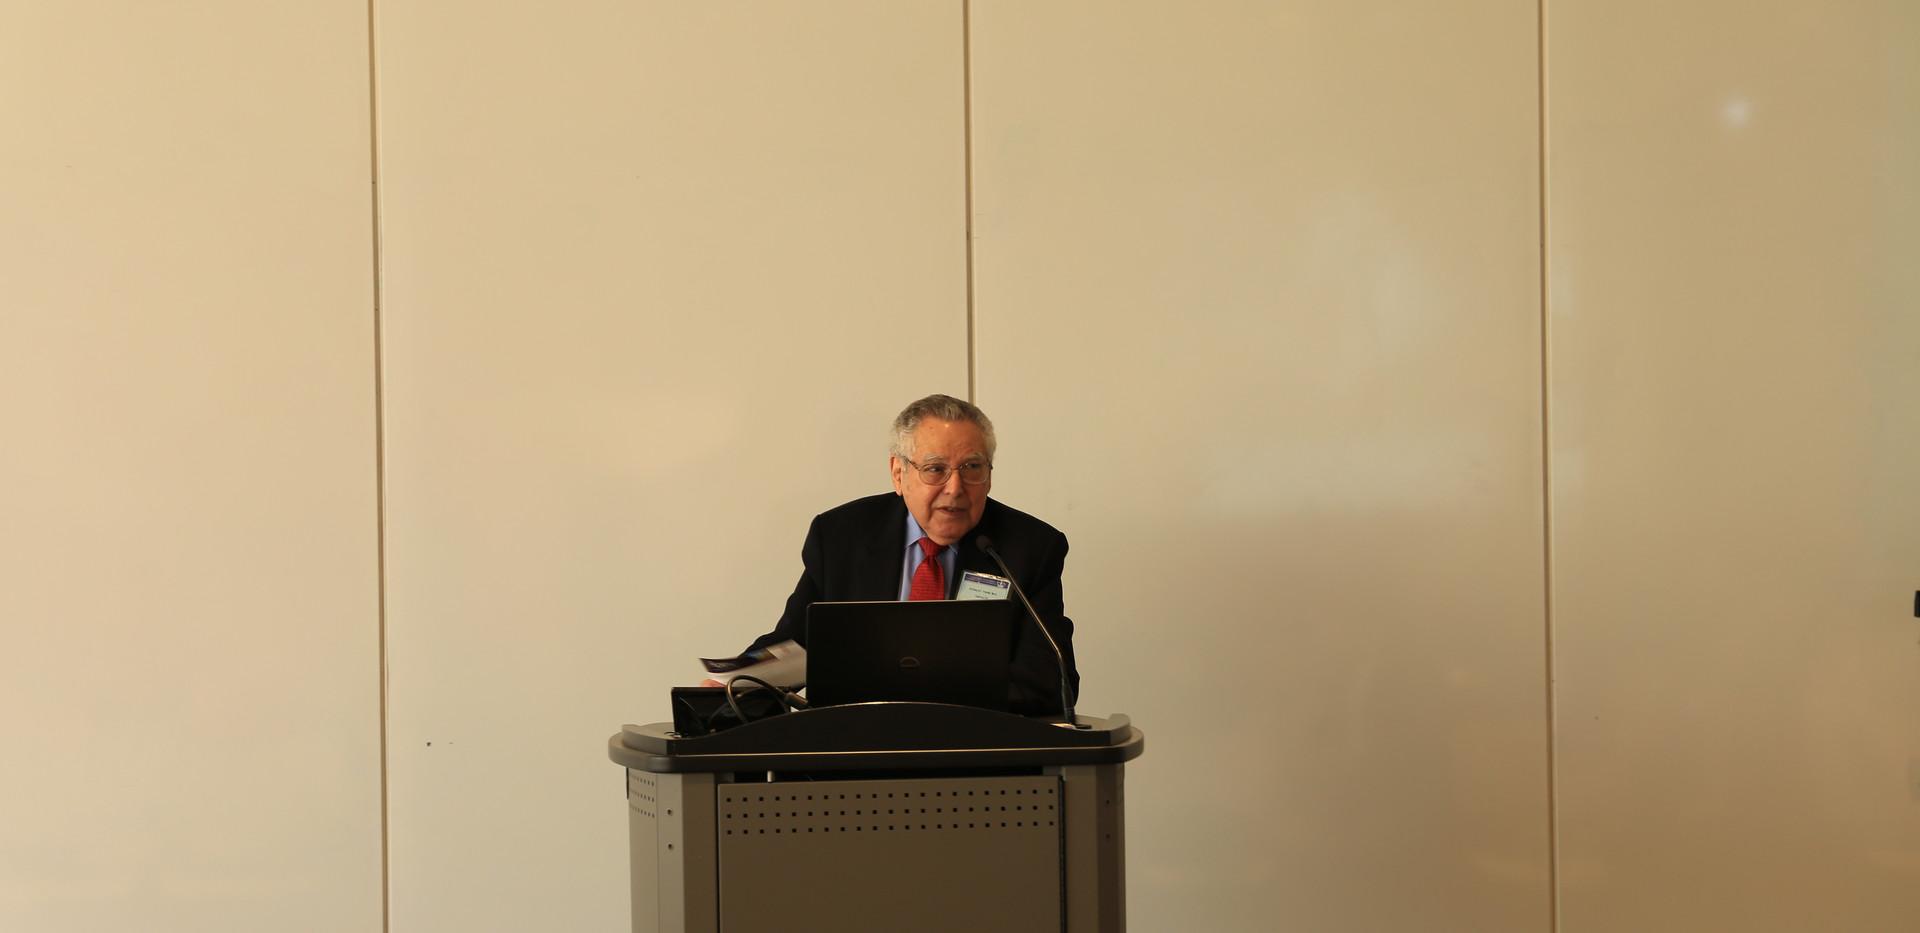 Speaker_Stanley Fahn.JPG